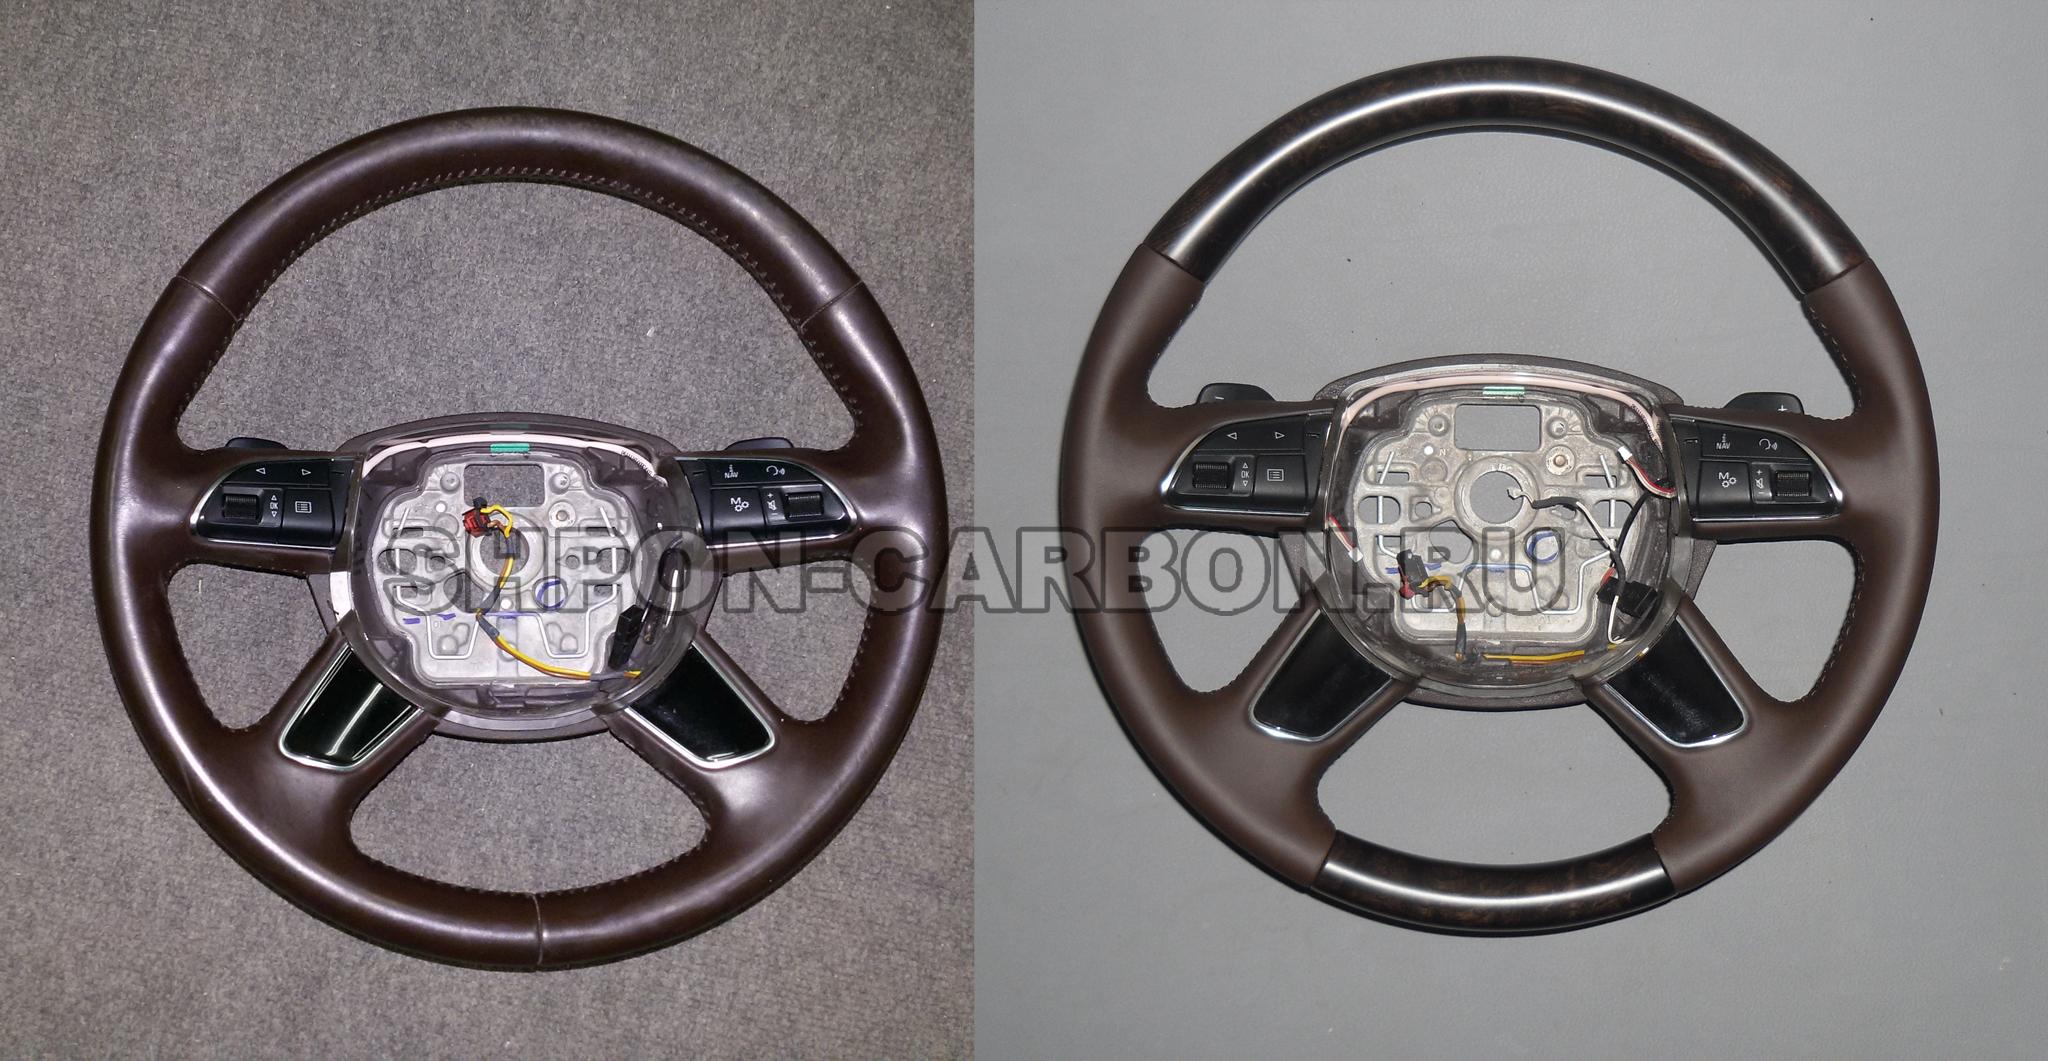 Изготовление декоративных вставок из натурального шпона + сохранение подогрева + перешив руля Audi A8 (Ауди А8)